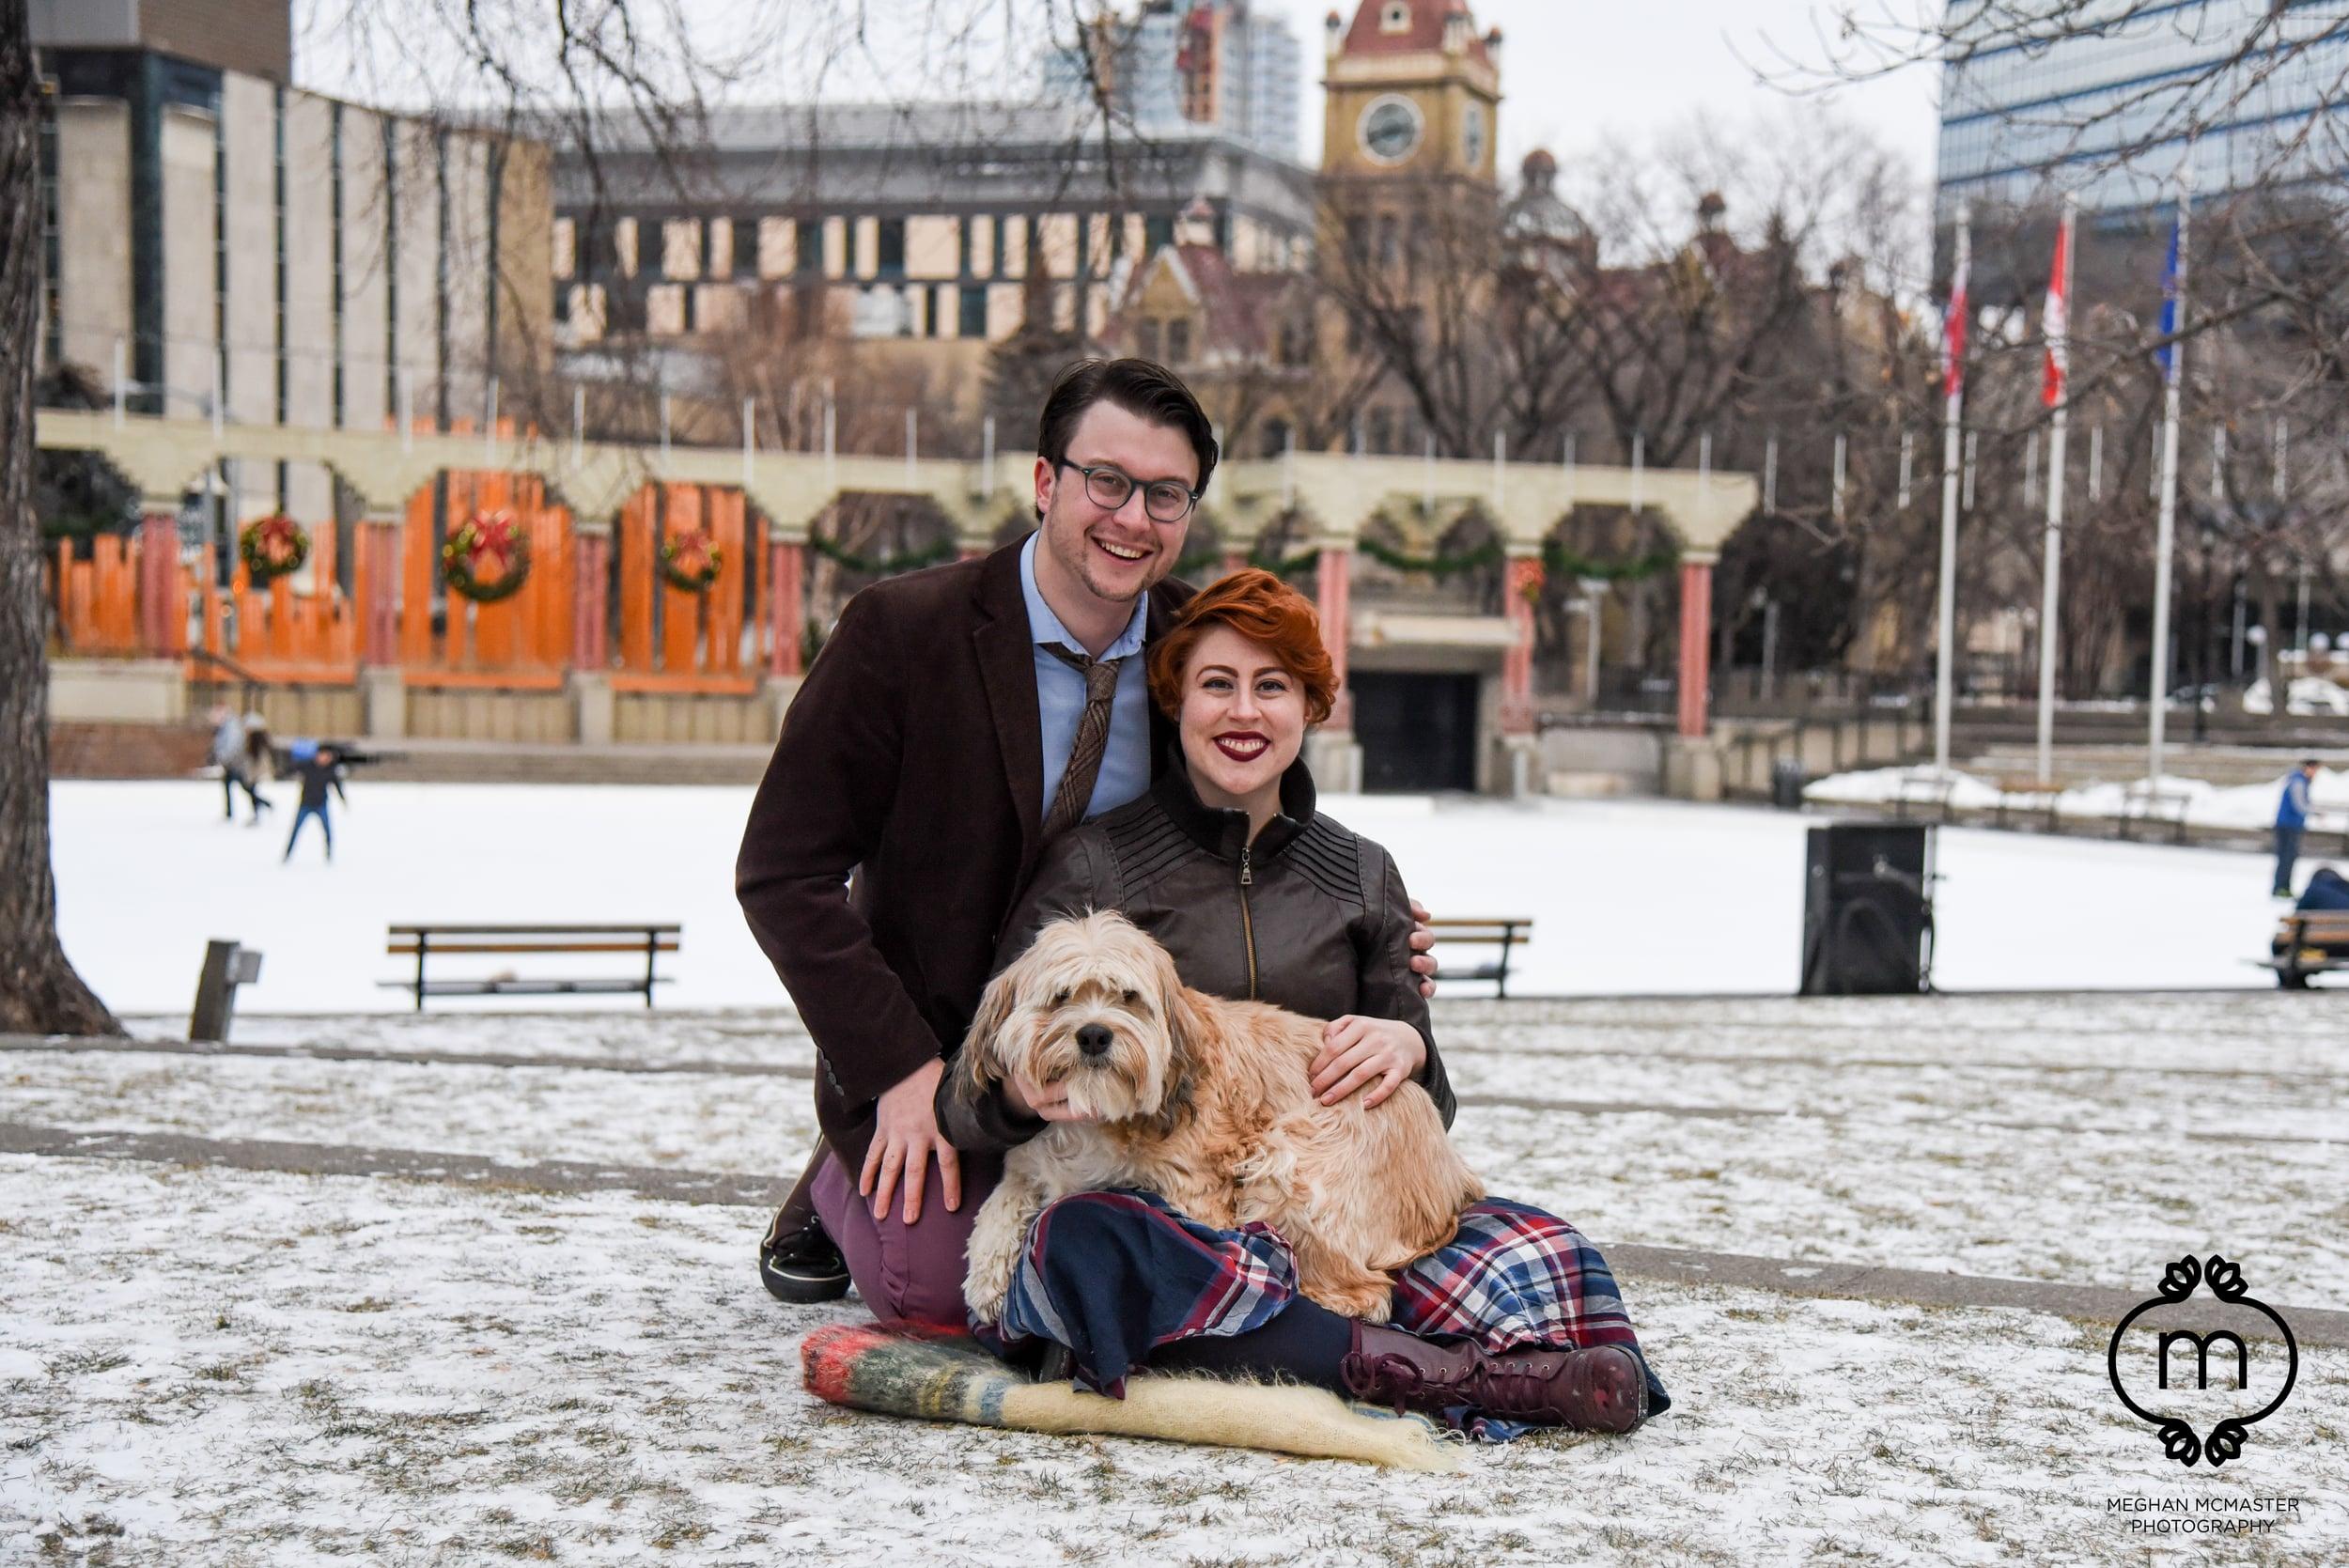 Meg & Mike Watermarked-15.jpg